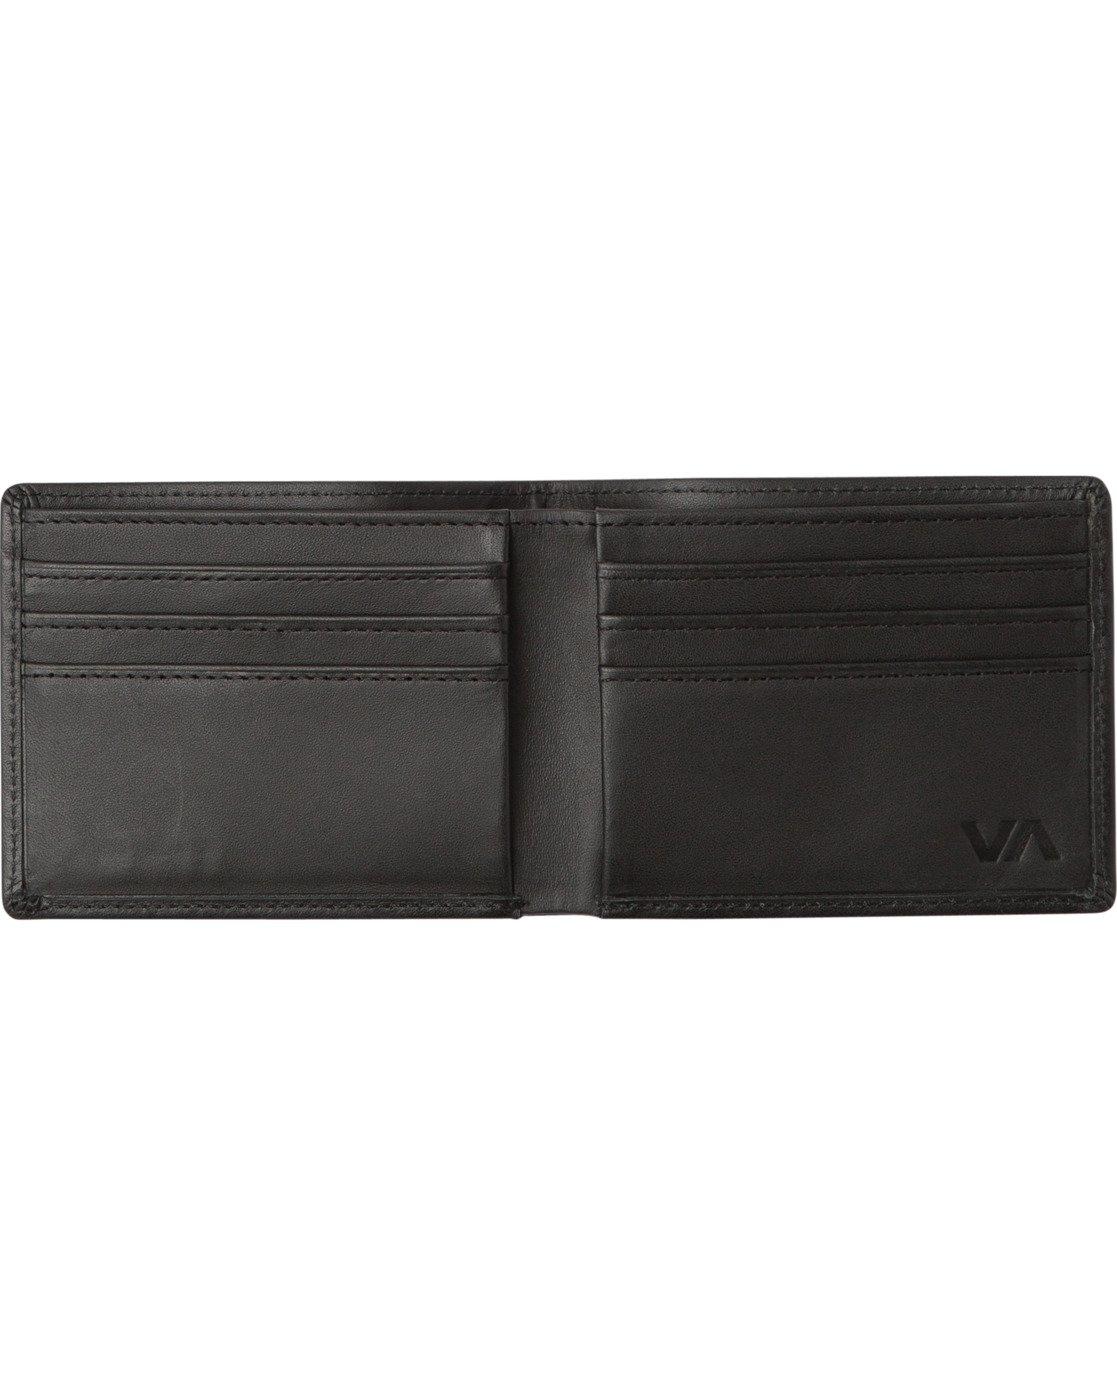 2 Crest Bifold Wallet Black MAWAQRCB RVCA